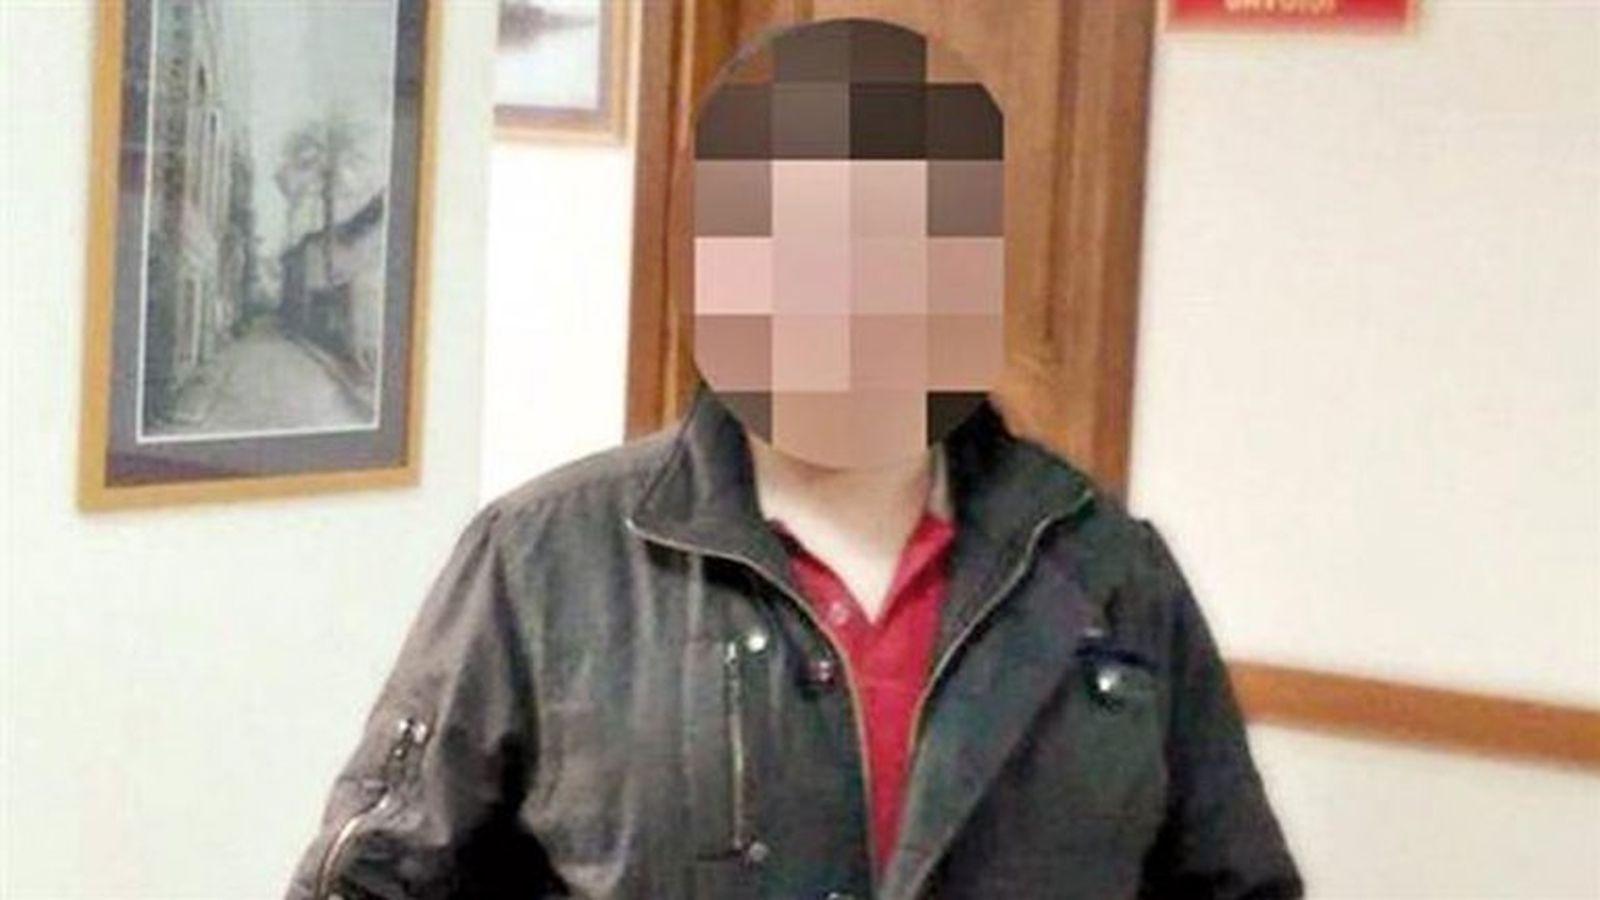 Foto: El menor detenido por insultar a Erdogan a través de Facebook (hurriyetdailynews.com)